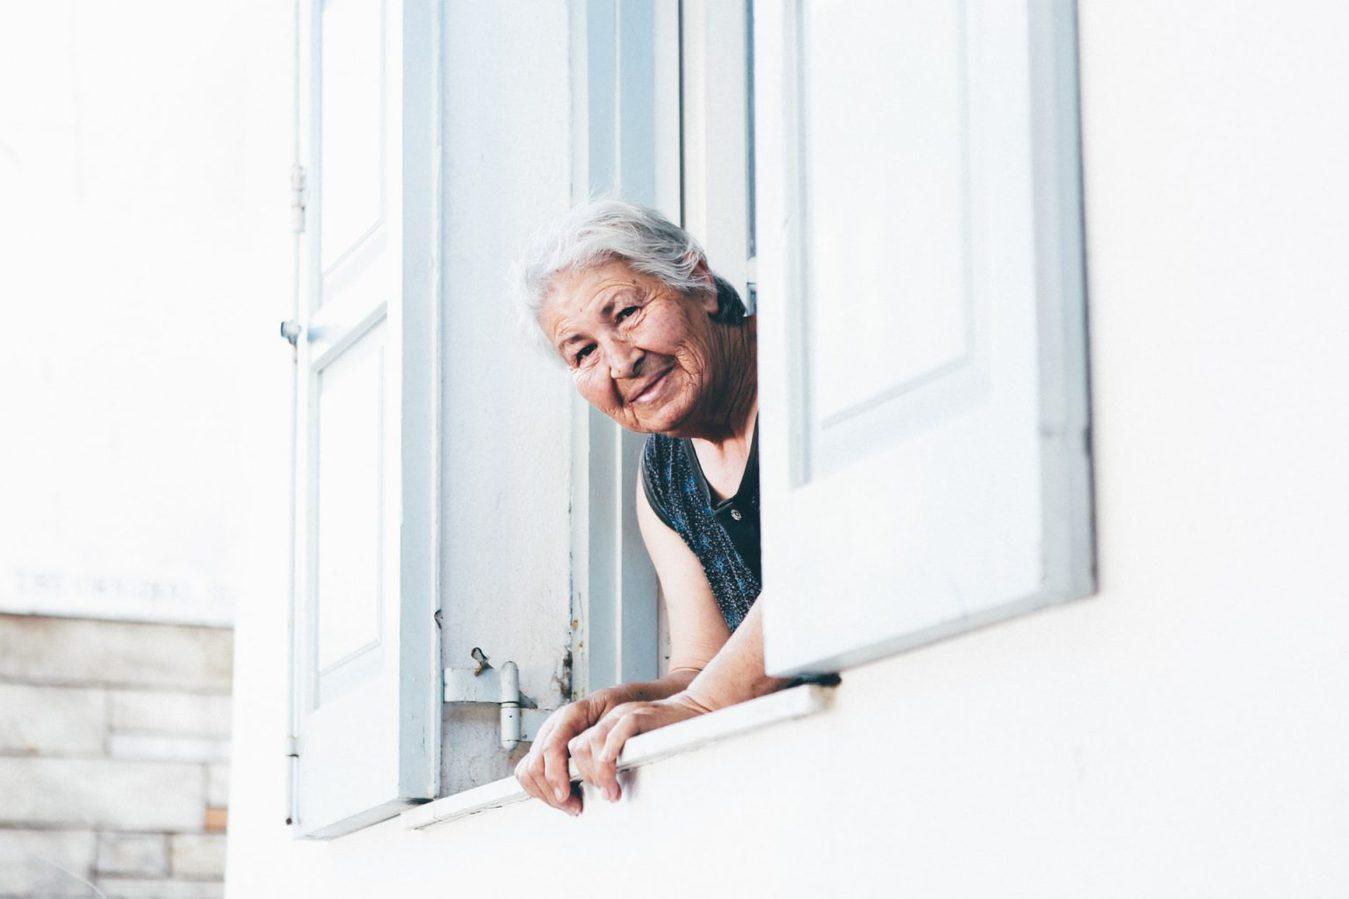 Người phụ nữ lớn tuổi nhìn qua cửa sổ